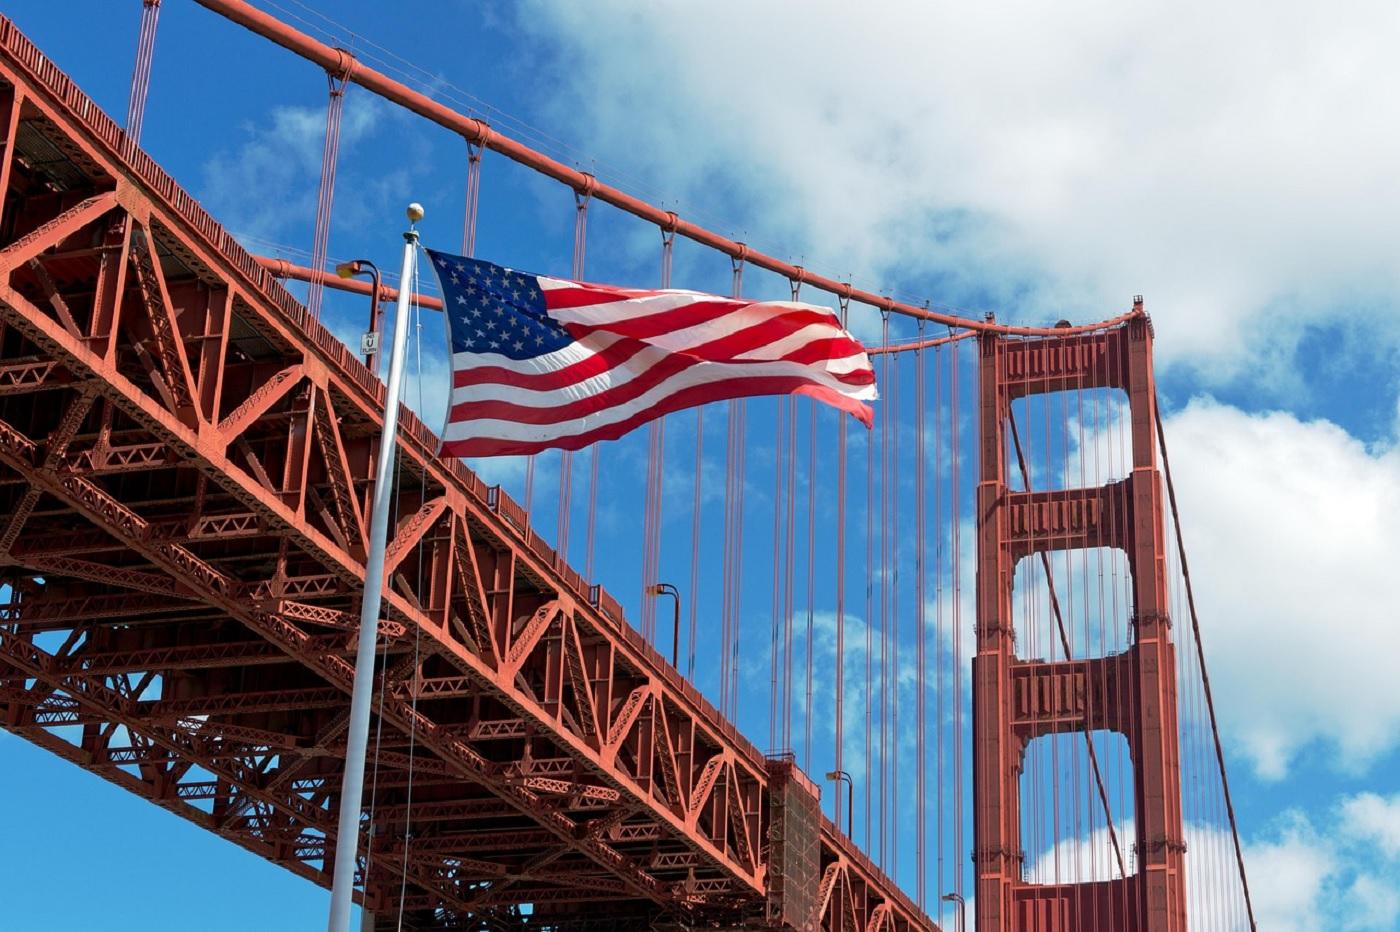 Le Golden gate bridge en Californie avec le drapeau américain USA Etats-UNis